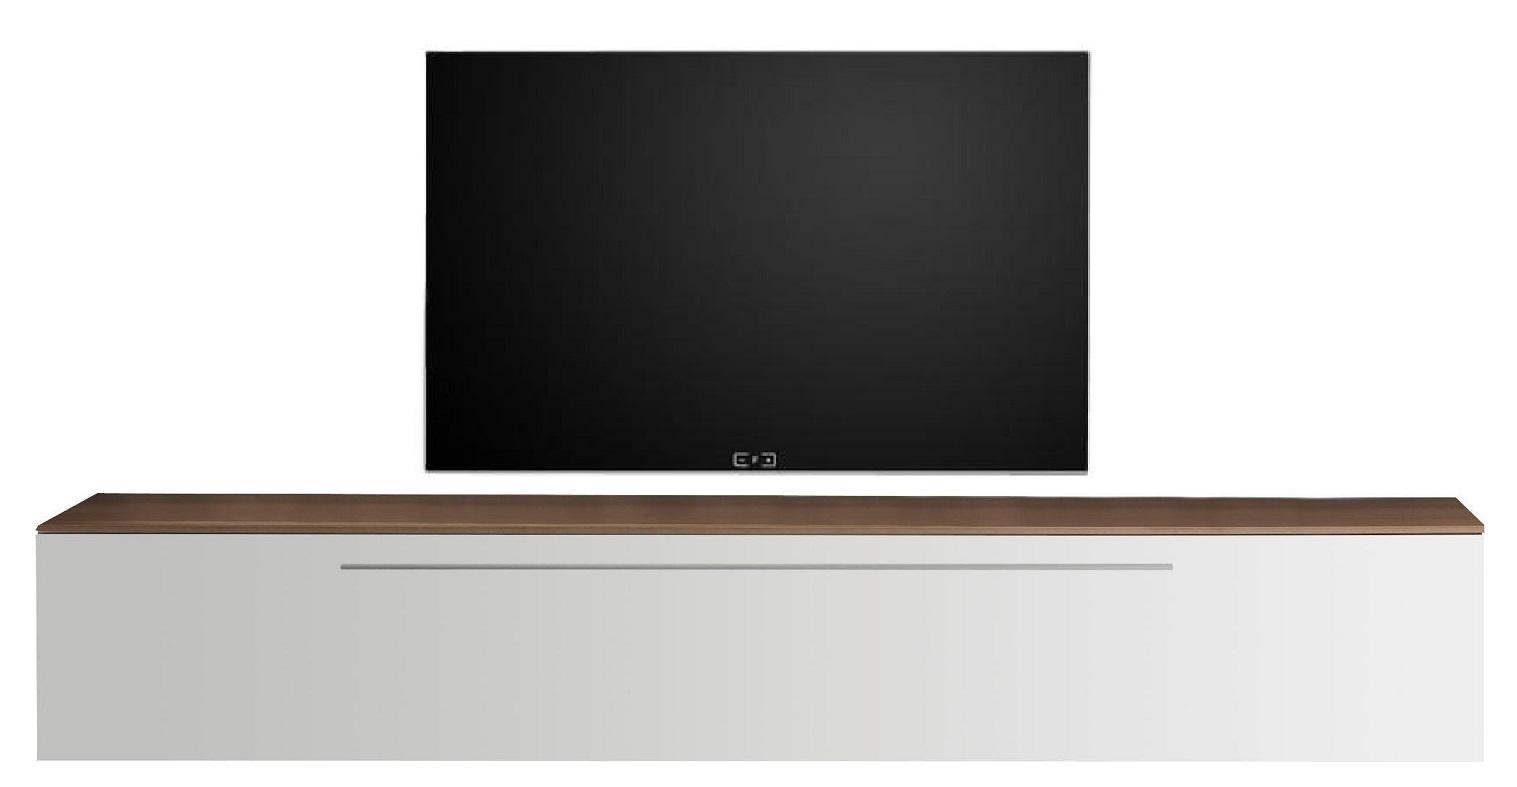 Zwevend Tv-meubel Tesla 210 cm breed in hoogglans wit met walnoot | Pesaro Mobilia